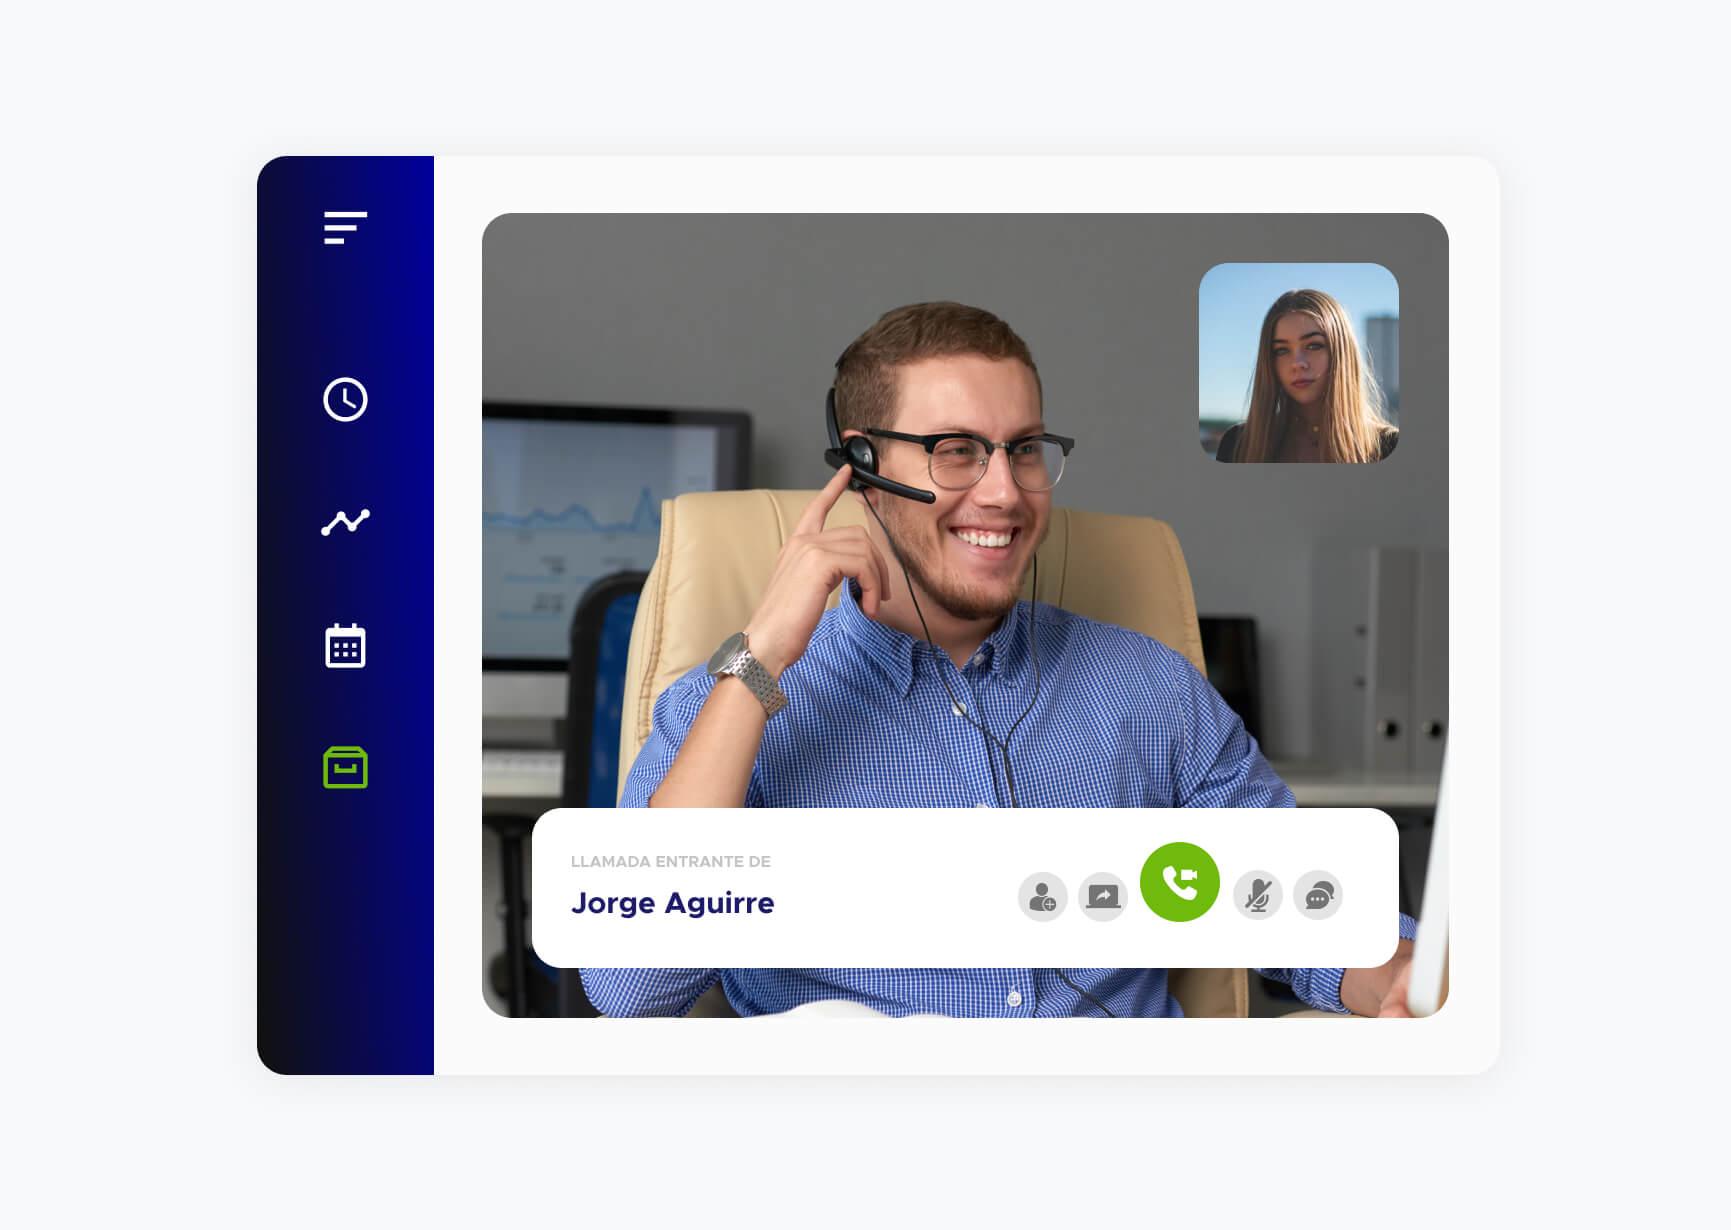 Video llamada entrante de Jorge Aguirre utilizando la aplicación de ACF Technologies